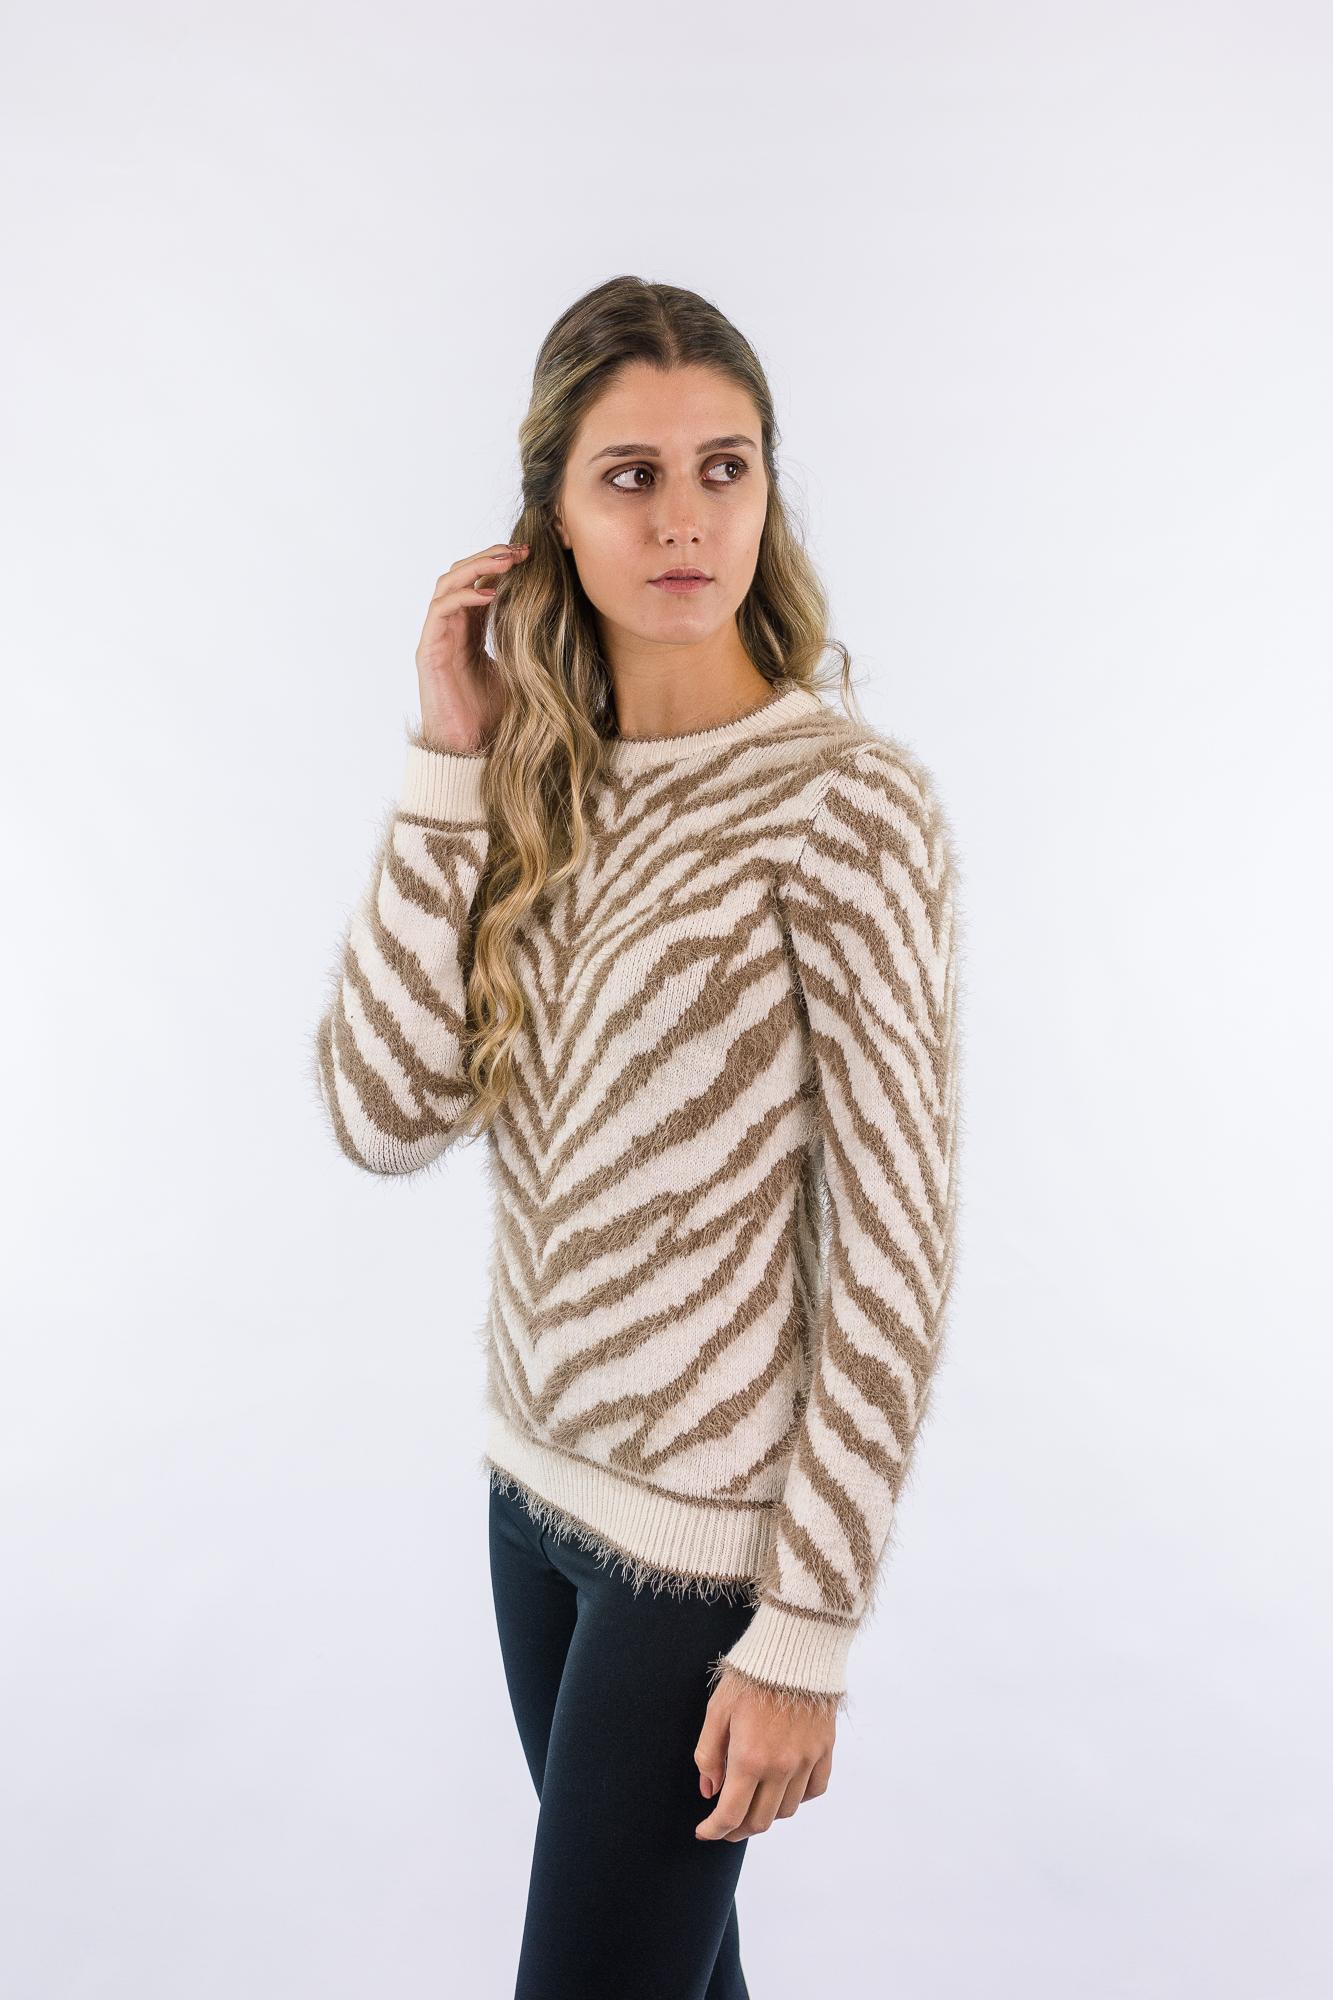 Blusa jacquard em zebra fio com pelos 1245